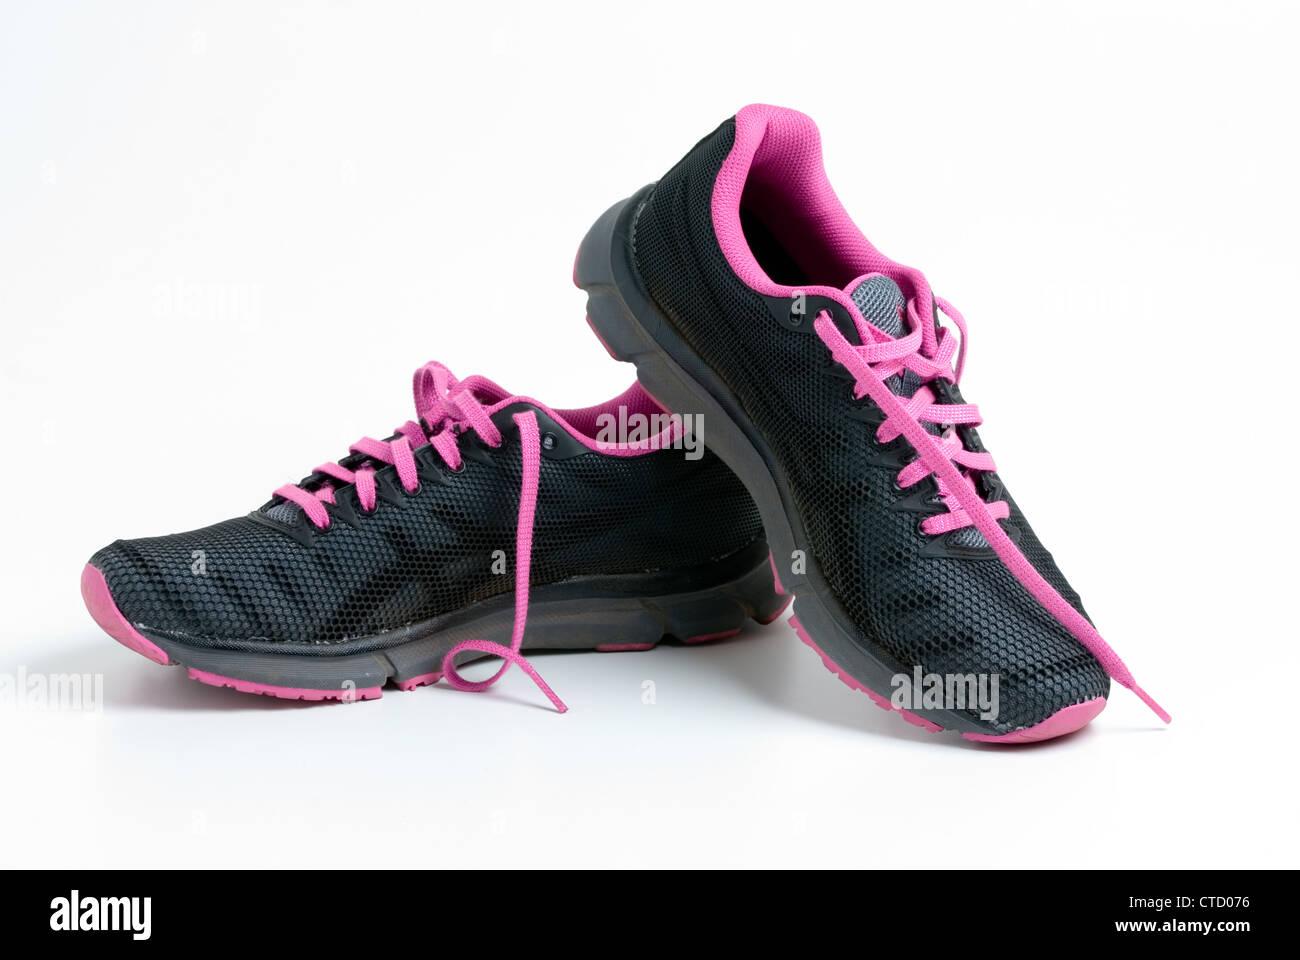 newest 9a058 2e126 Porté rose et noir paire de chaussures de course ASICS Photo Stock